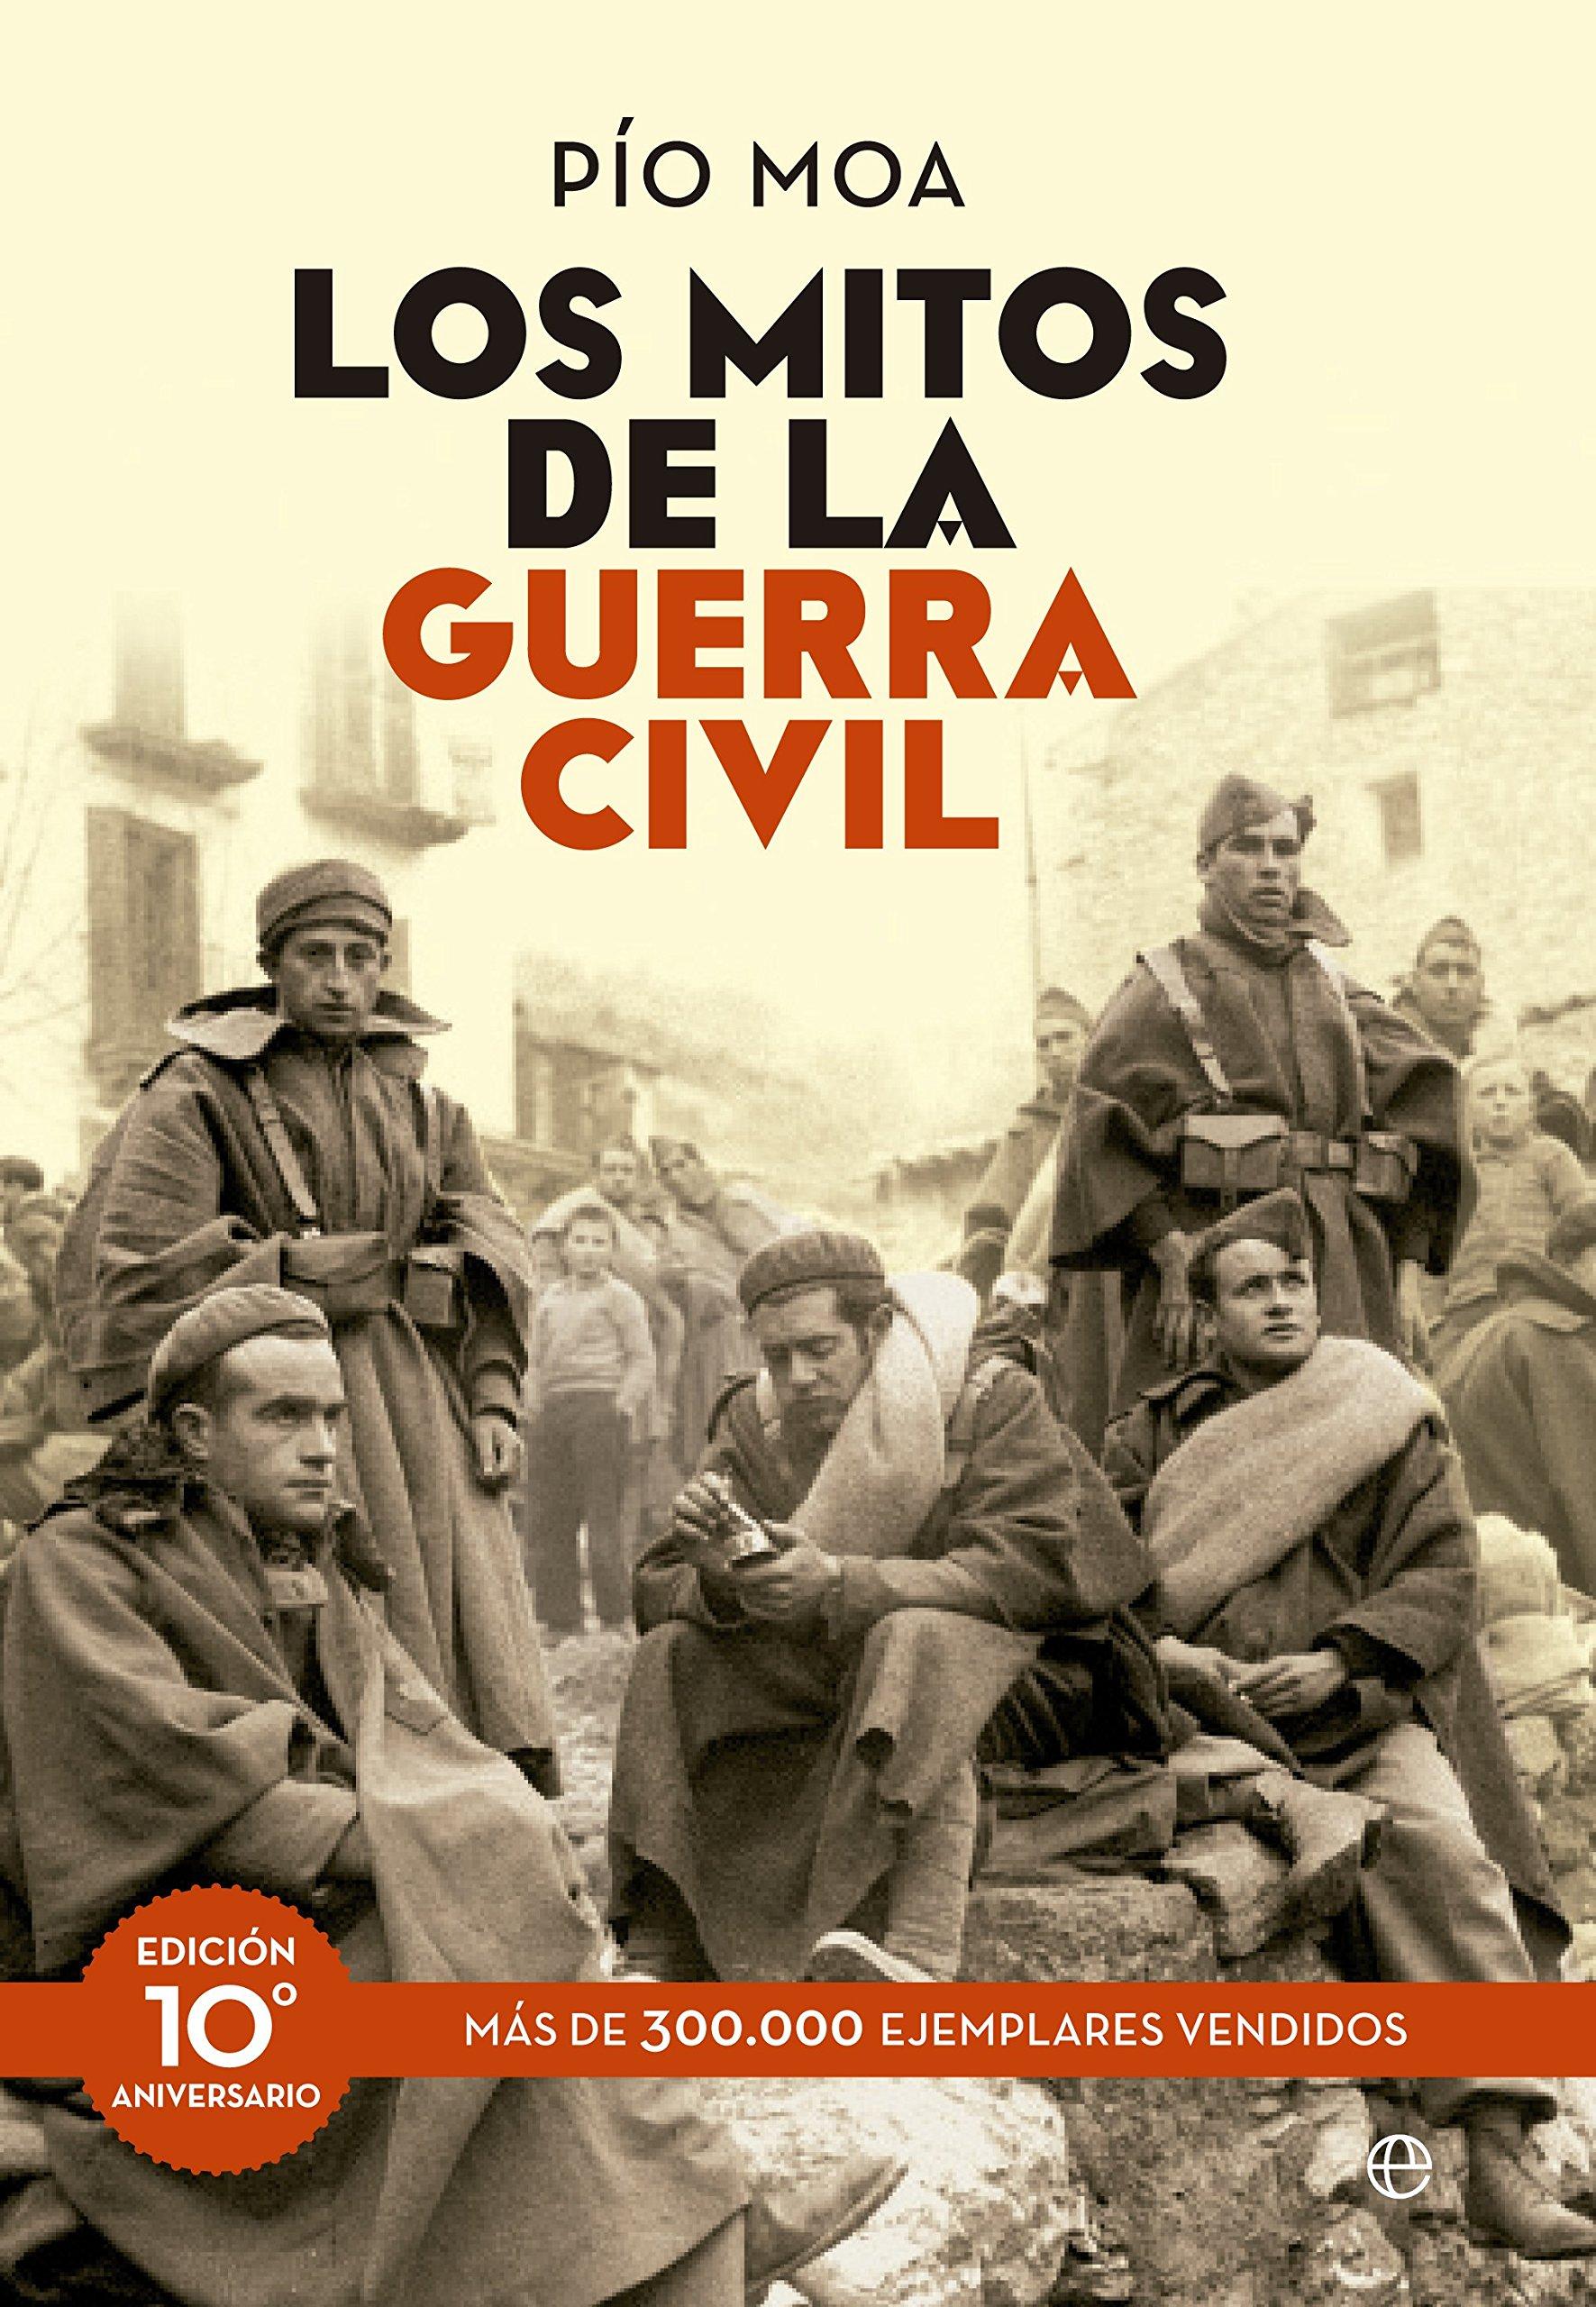 Los mitos de la guerra civil: Edición 10º aniversario Historia ...